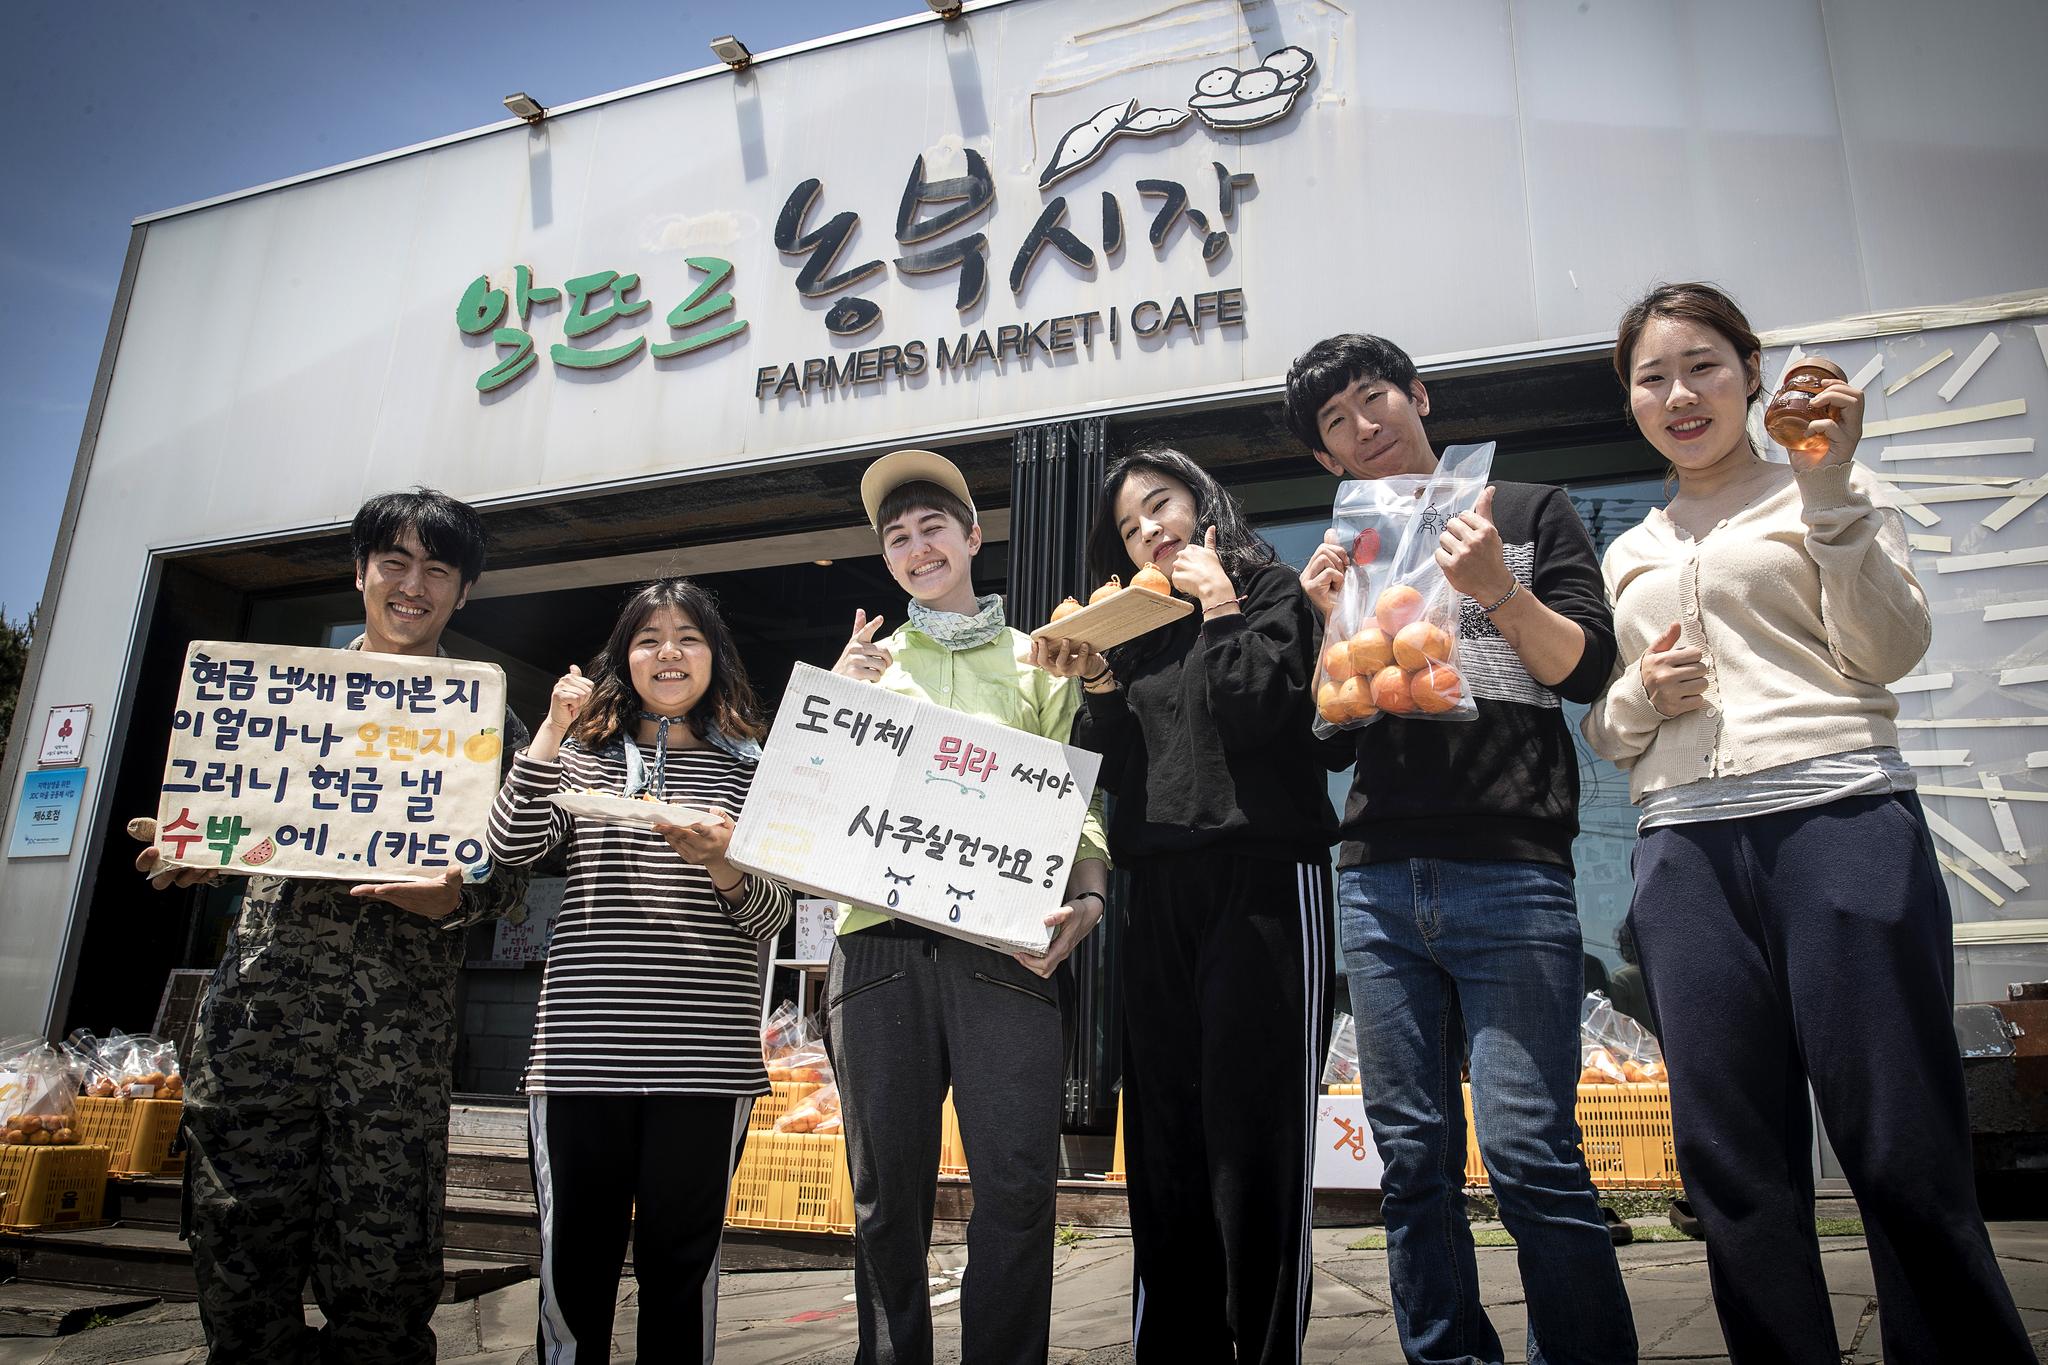 누군가는 농부로, 누군가는 여행객으로 이곳을 찾았다. 꿈을 함께 하는 이들이 한곳에 모였다. 왼쪽부터 박훈, 양정민, 도하리, 박송이, 김진우, 임주현. 장진영 기자